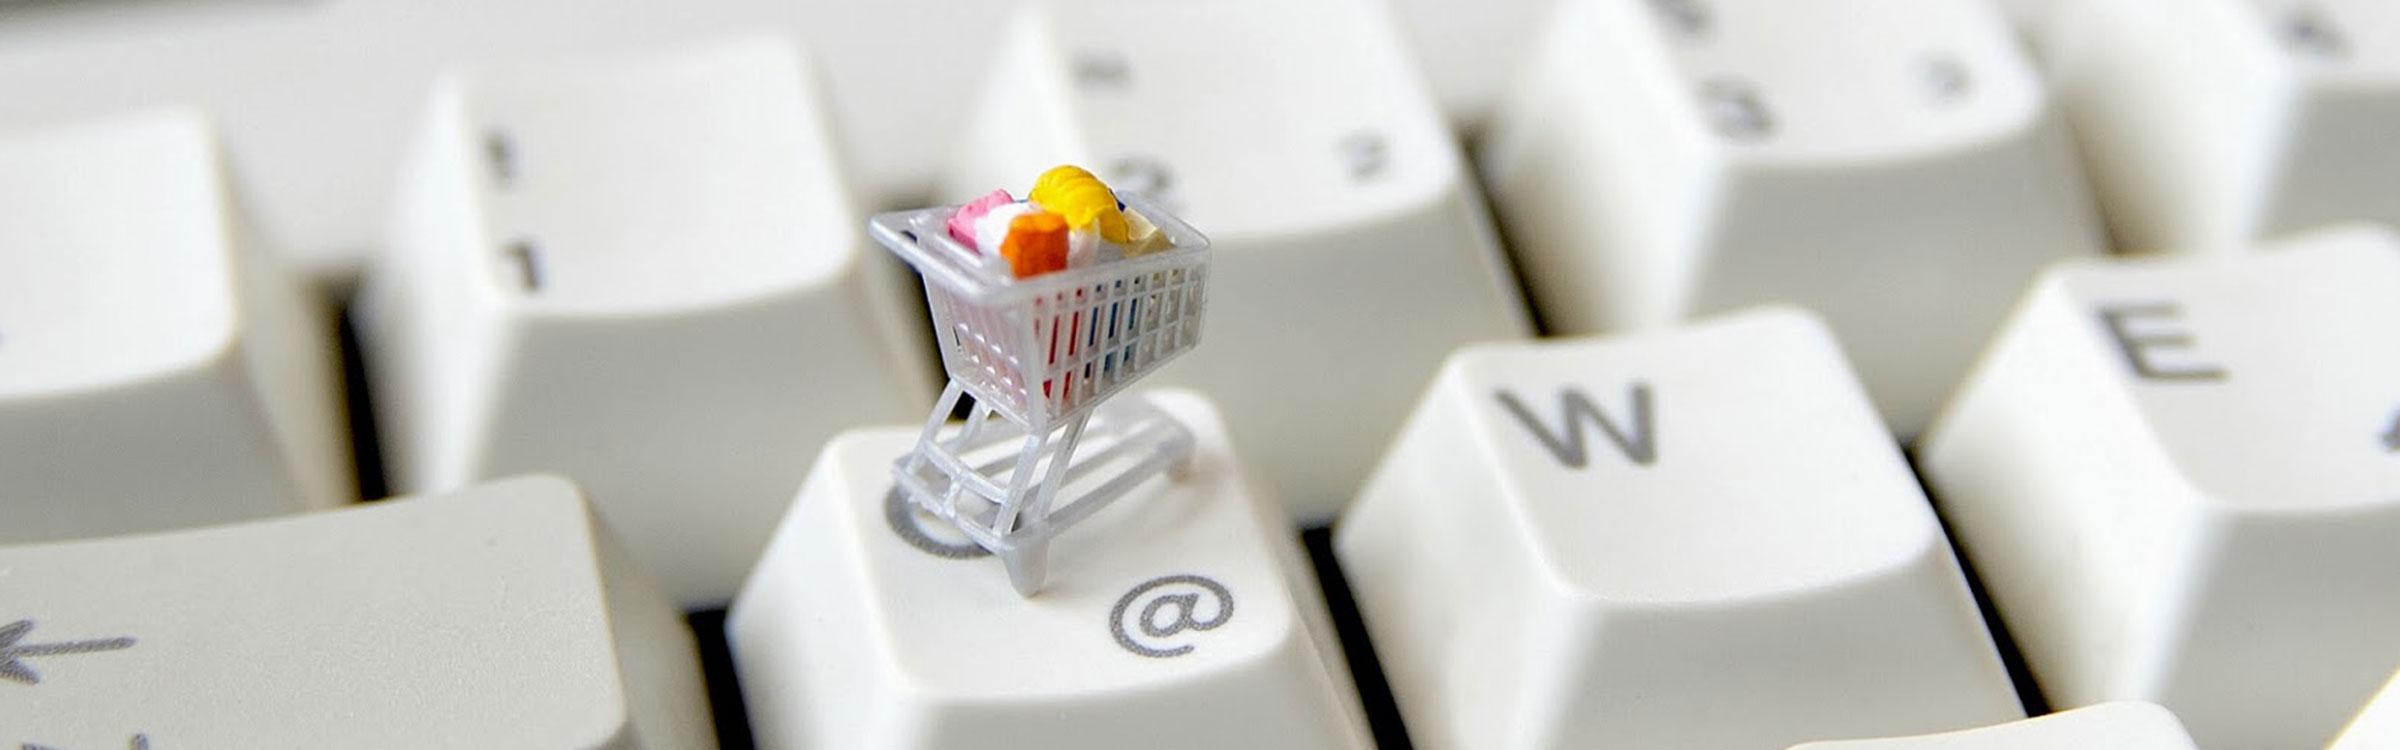 Onlinewinkelen algemeen